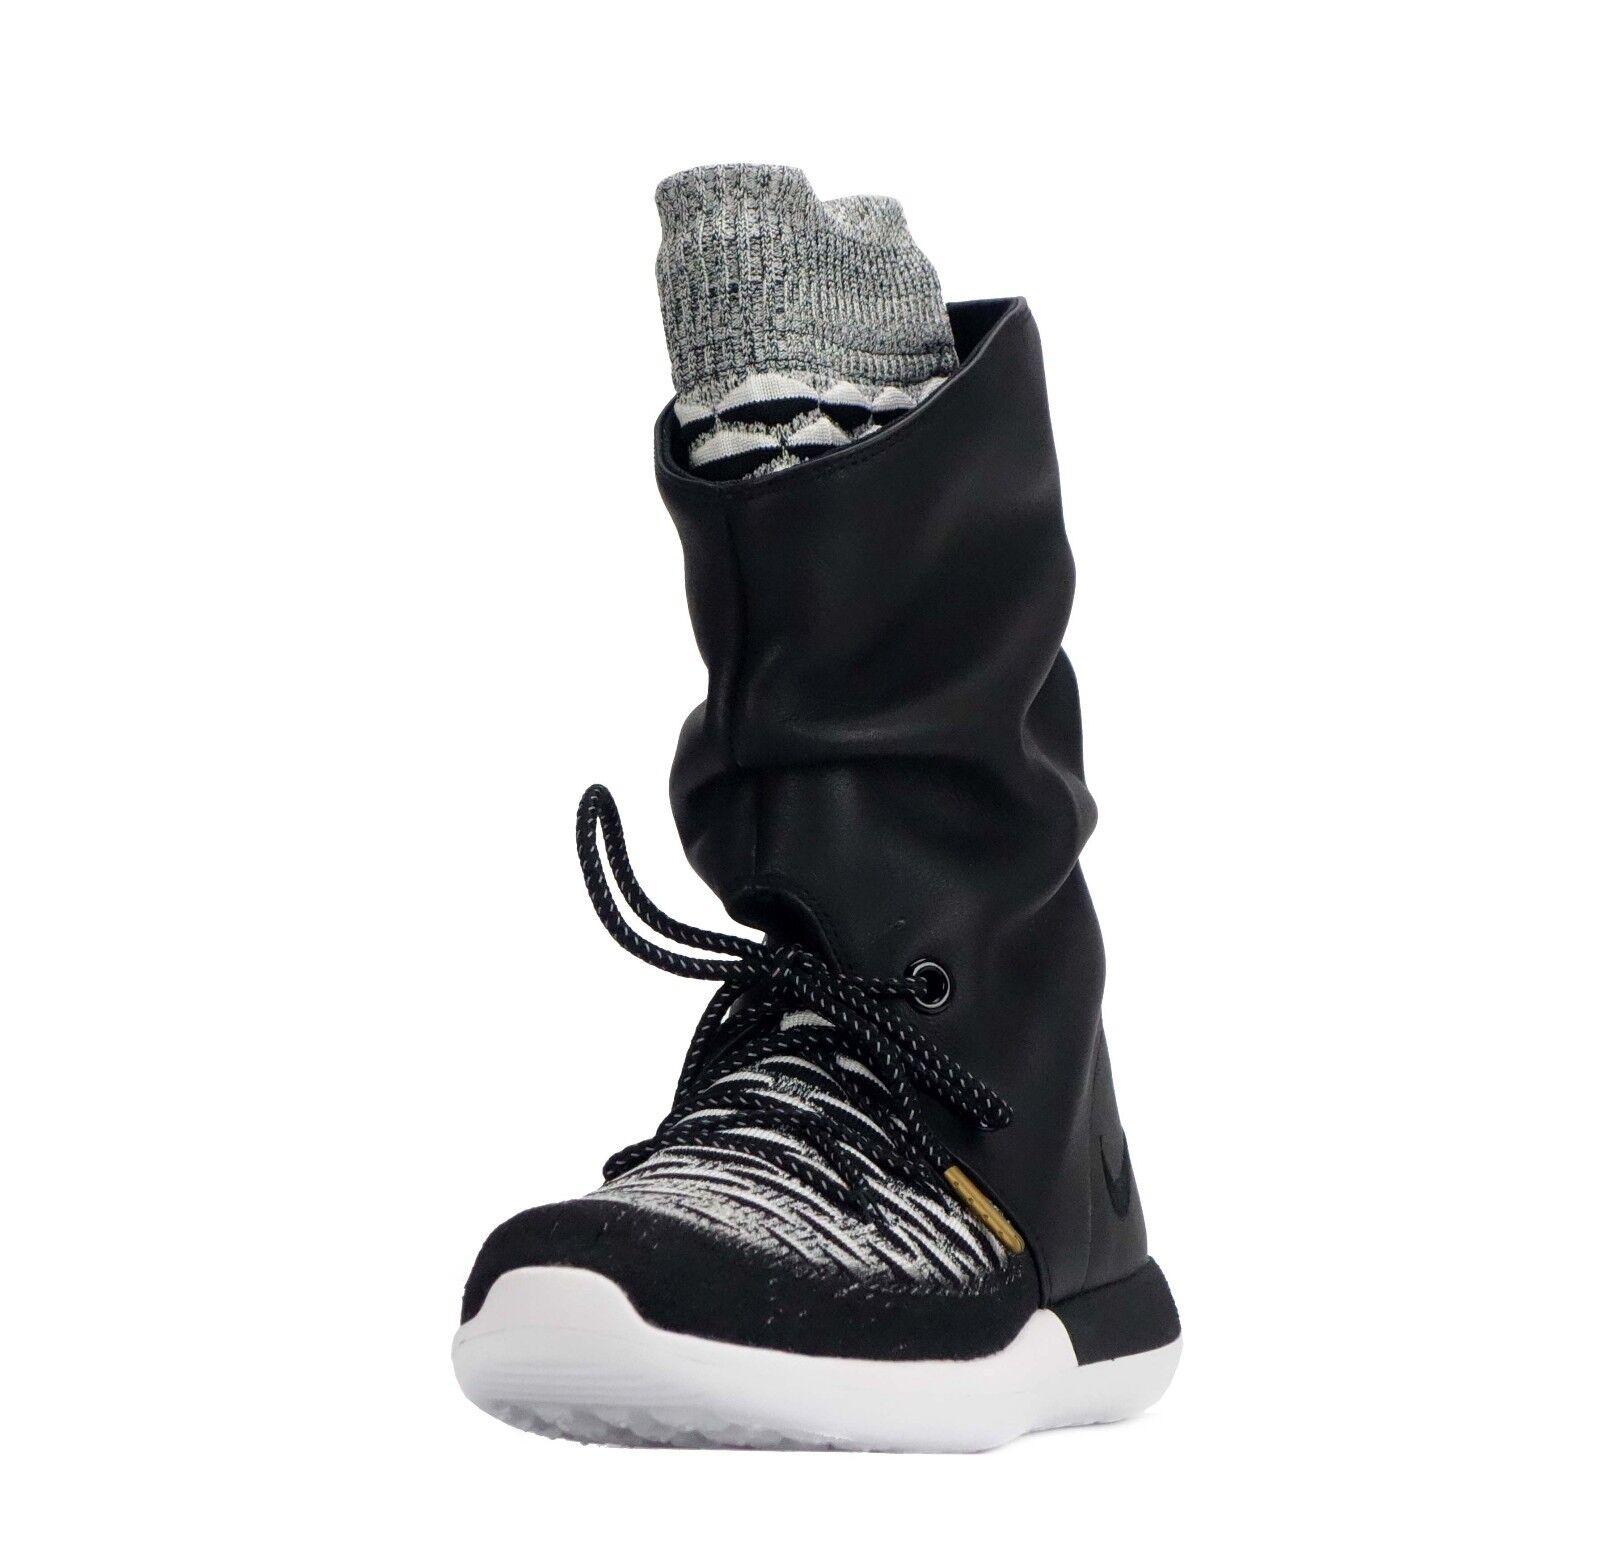 Nike Roshe zwei hi Flyknit Damen Damen Wandern Freizeit Wandern Damen Modische Schuhe schwarz 2309b0